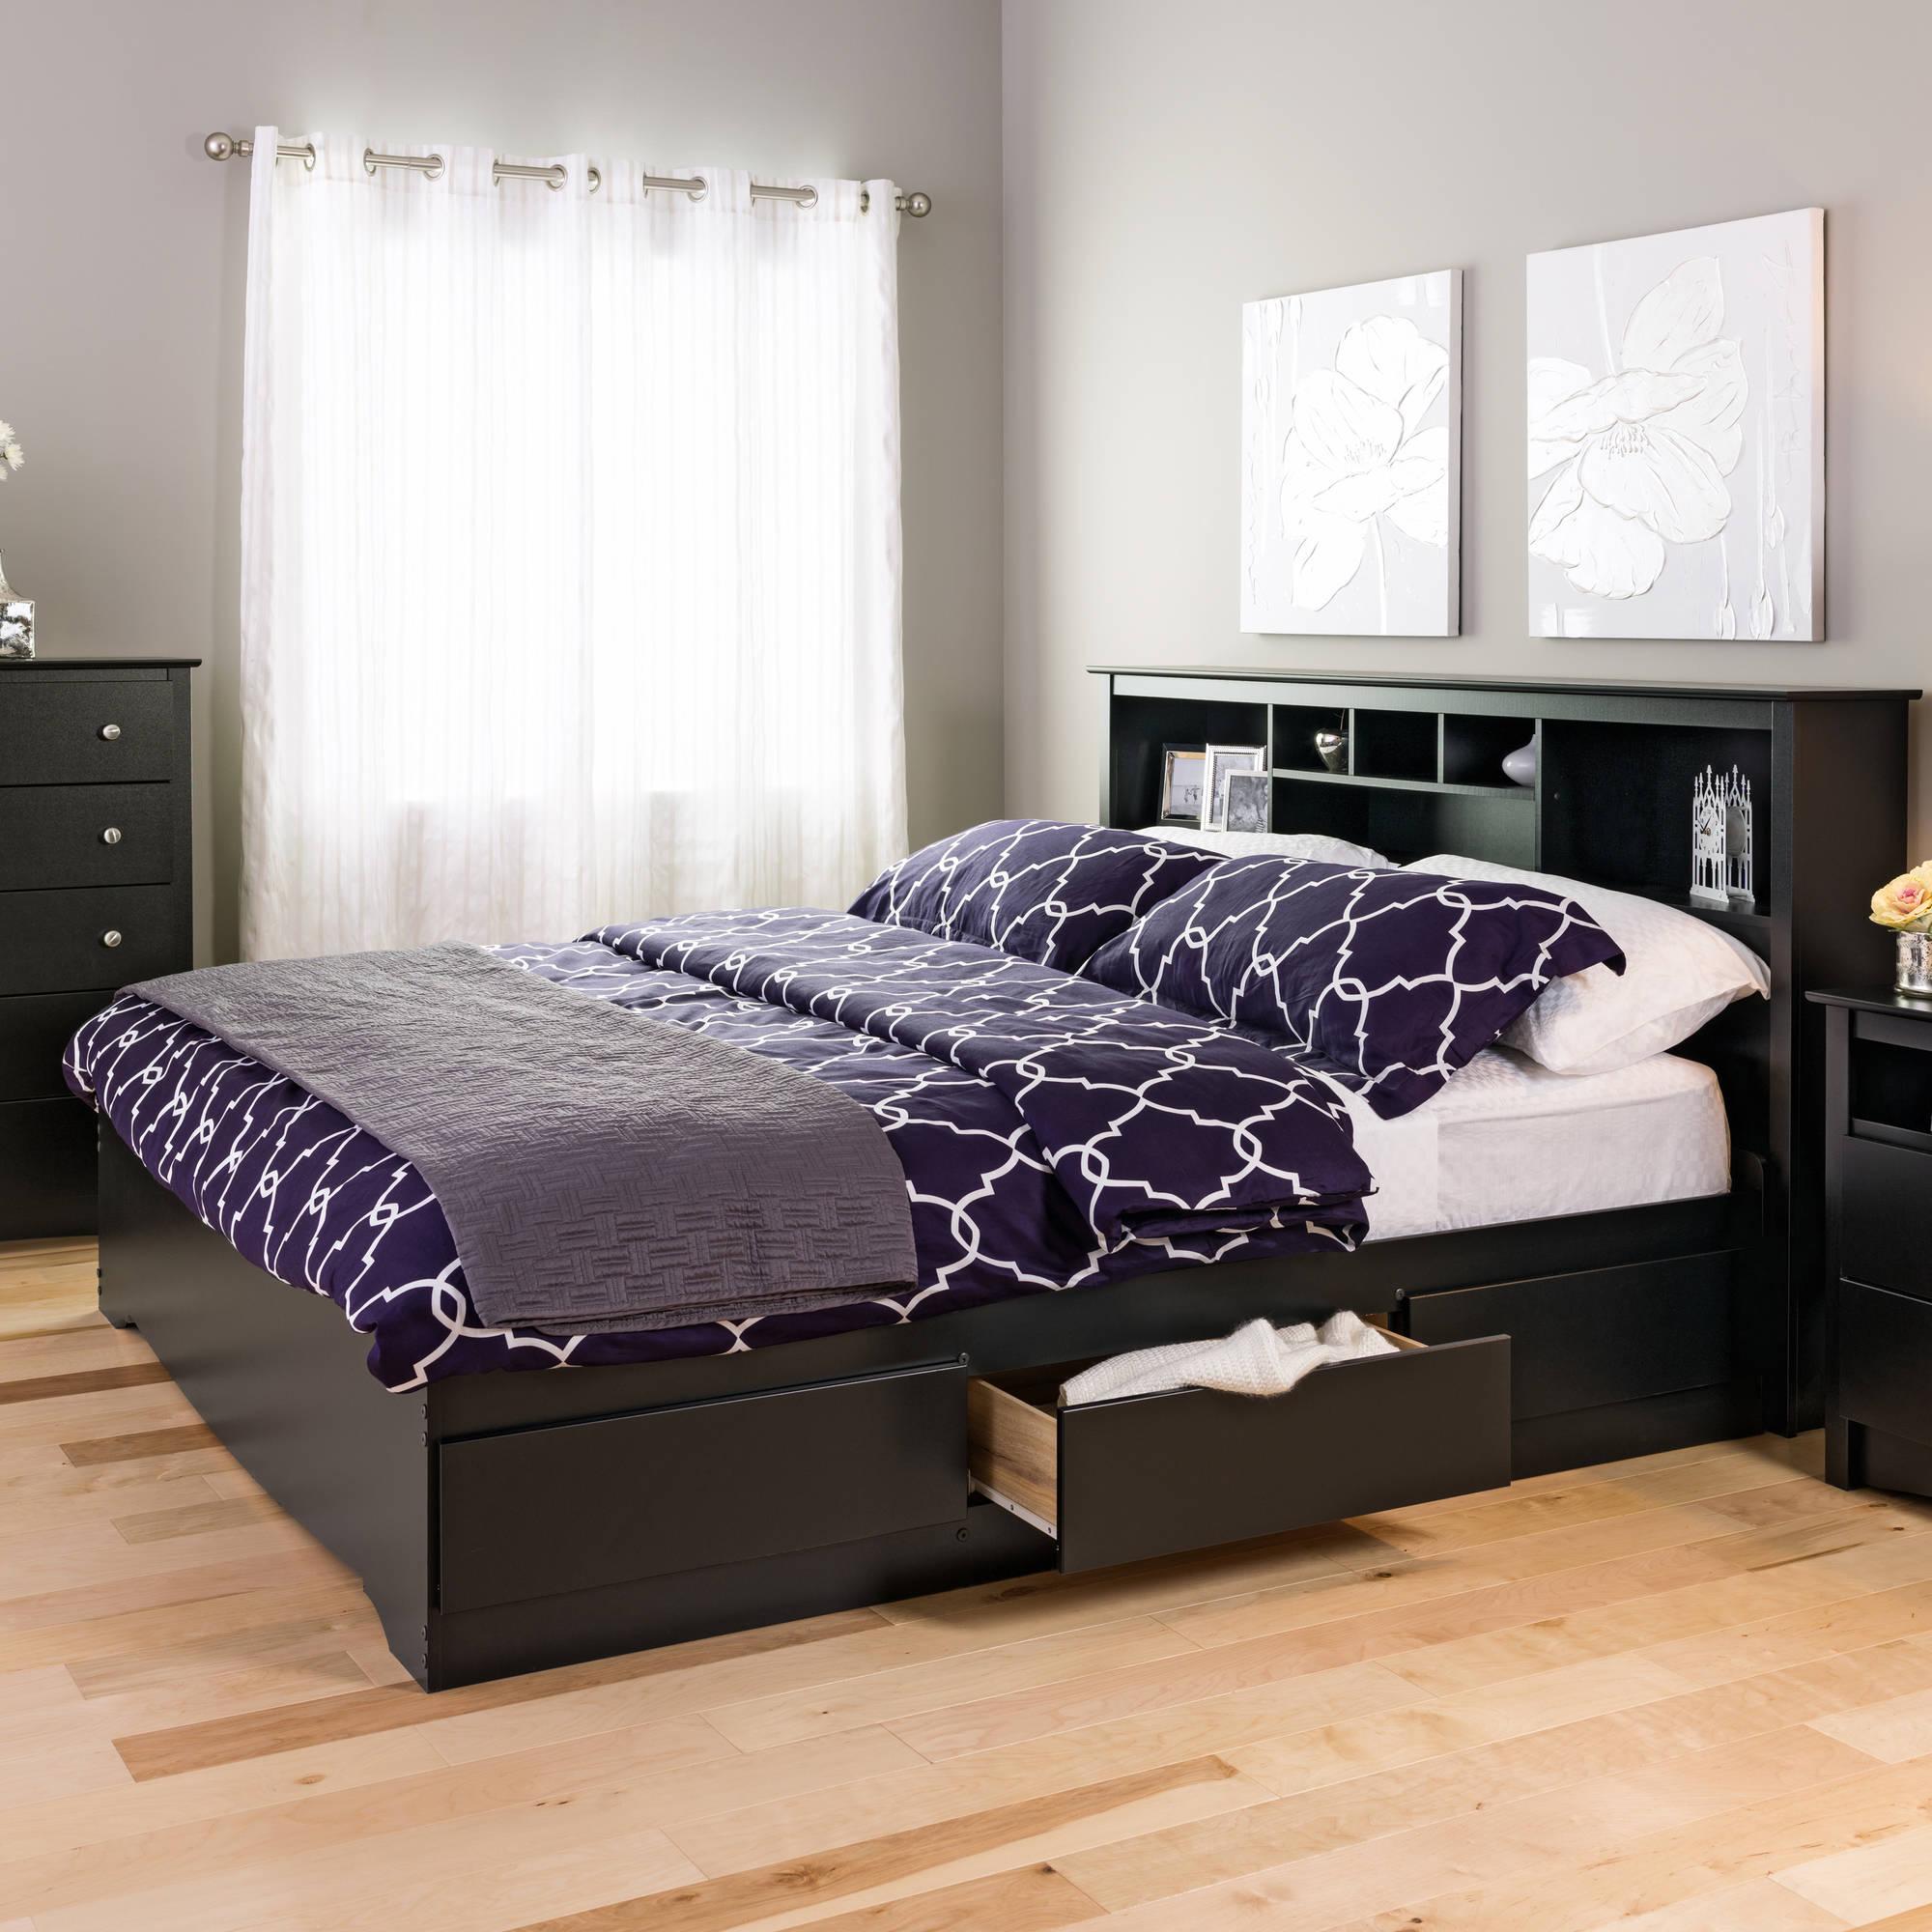 King Mates Platform Storage Bed with 6 Drawers, Black